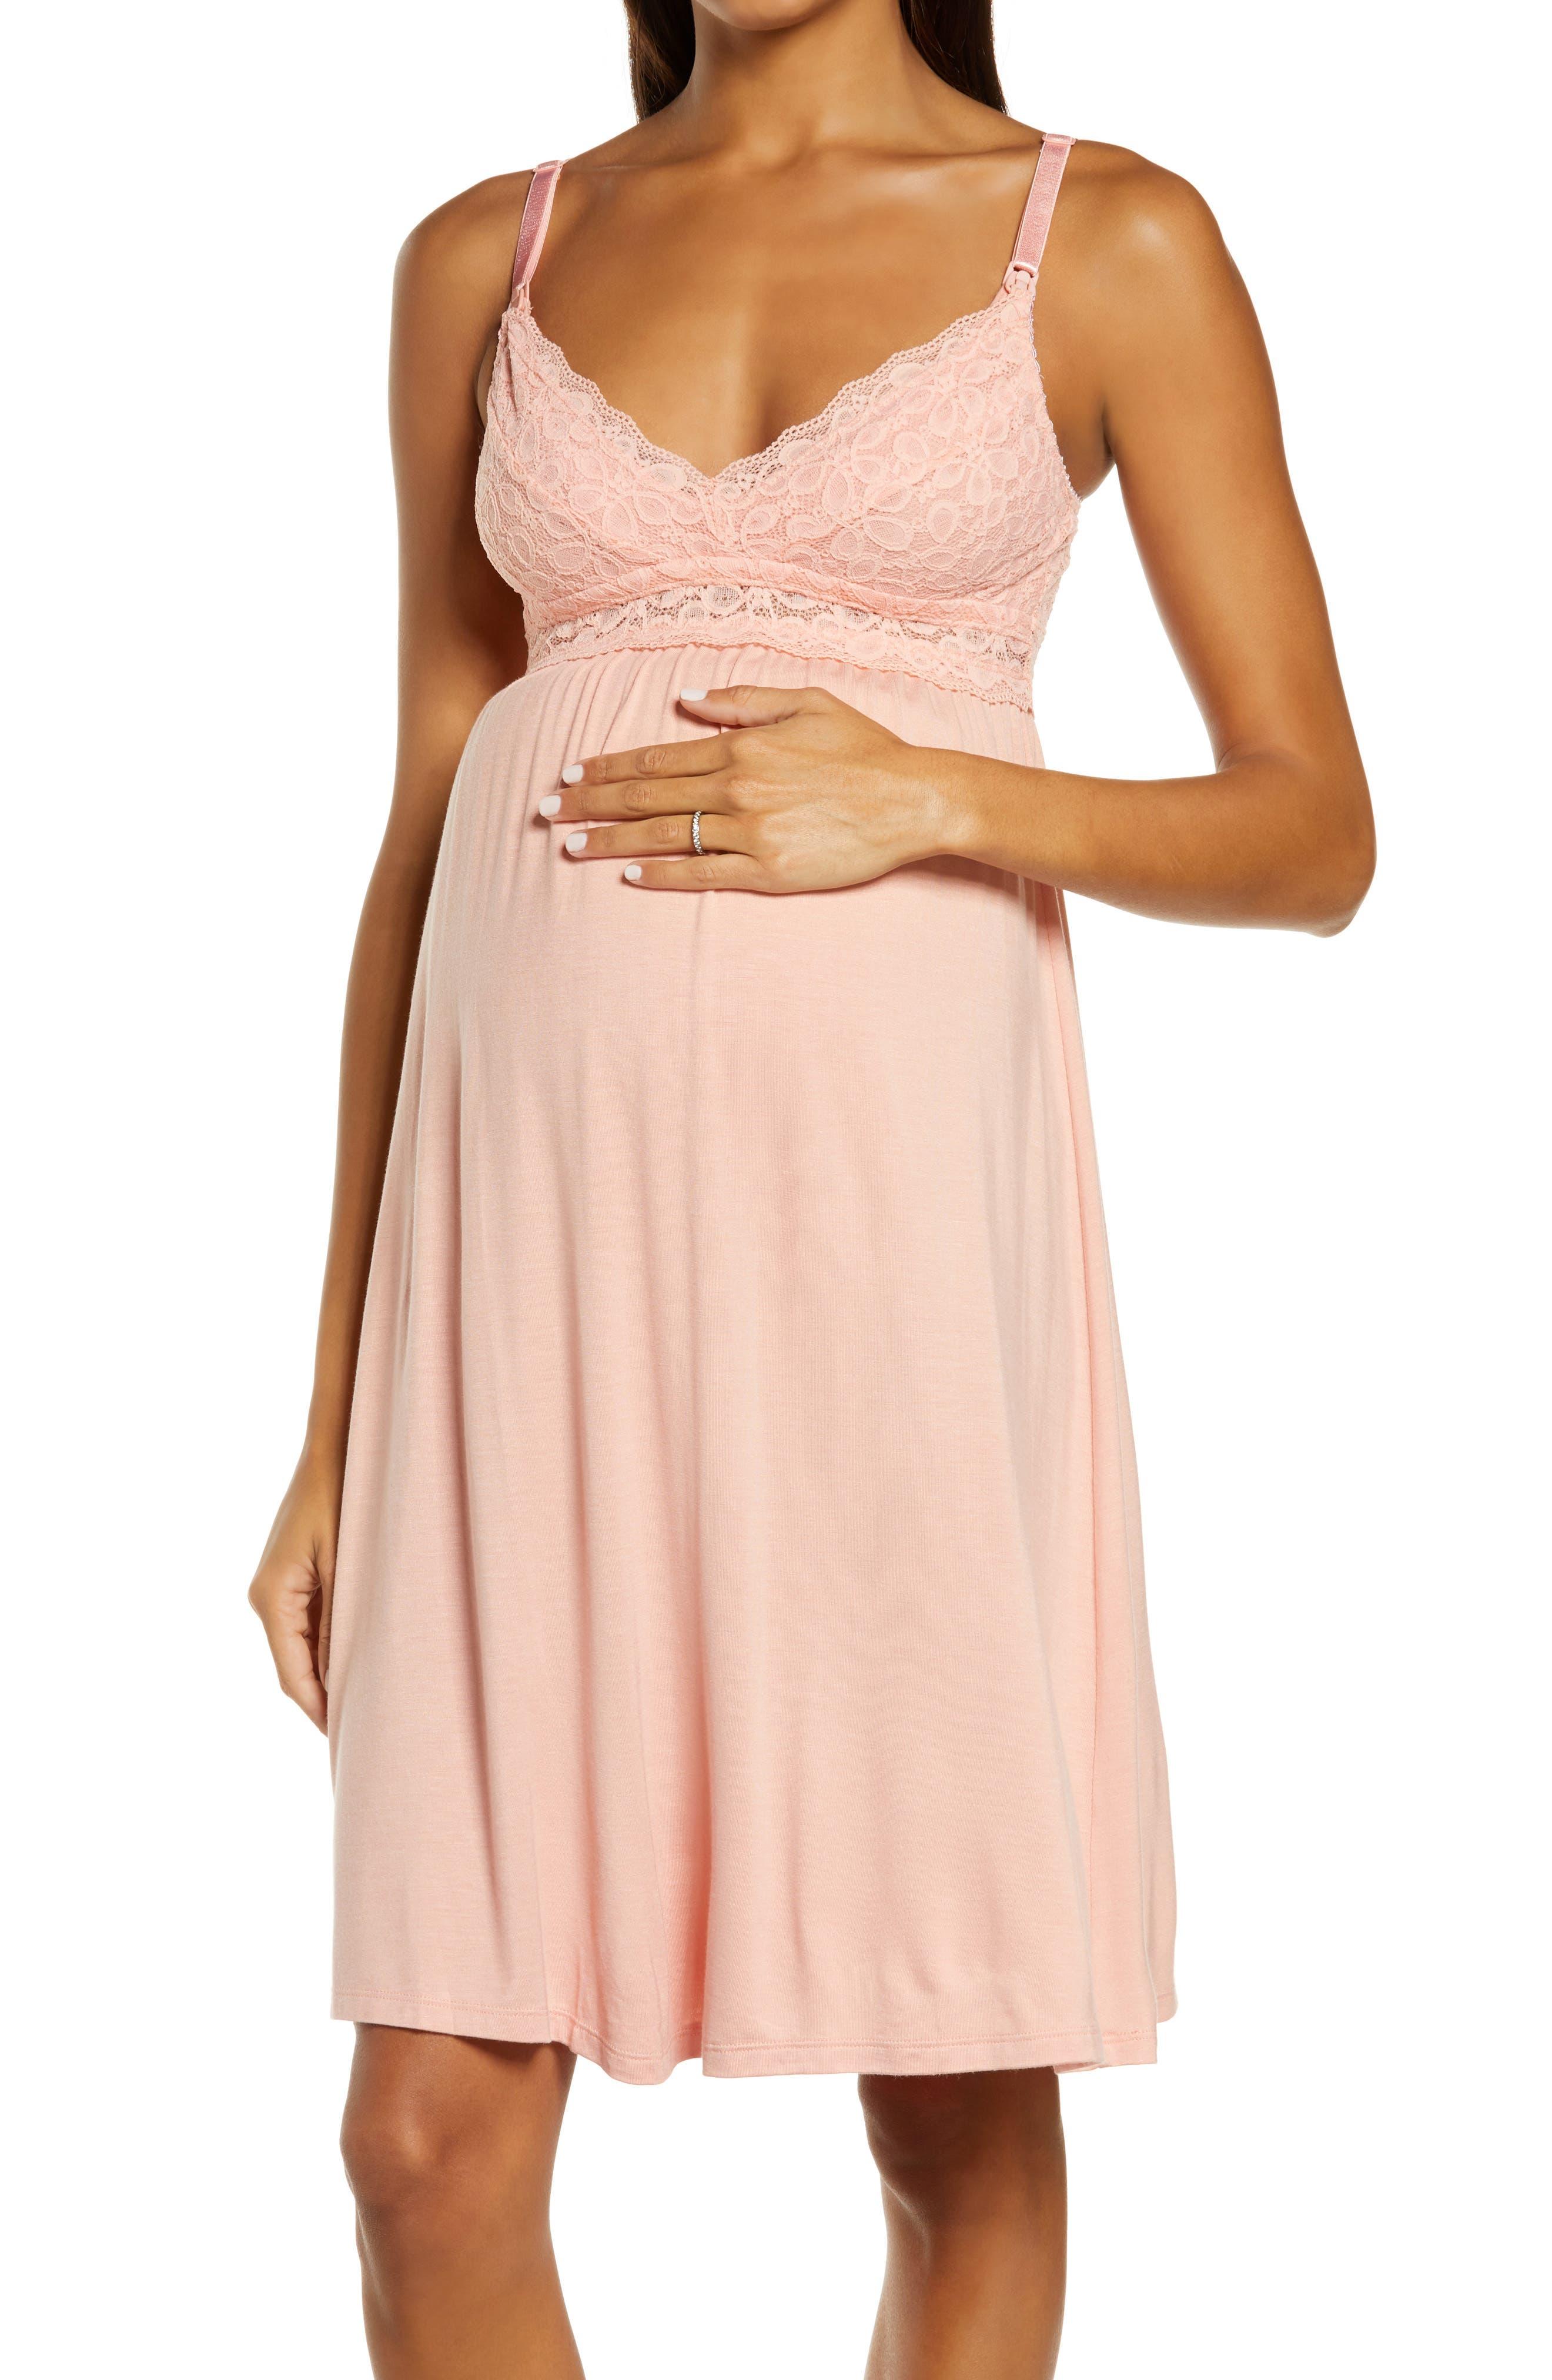 Tallulah Lace Trim Maternity/nursing Chemise